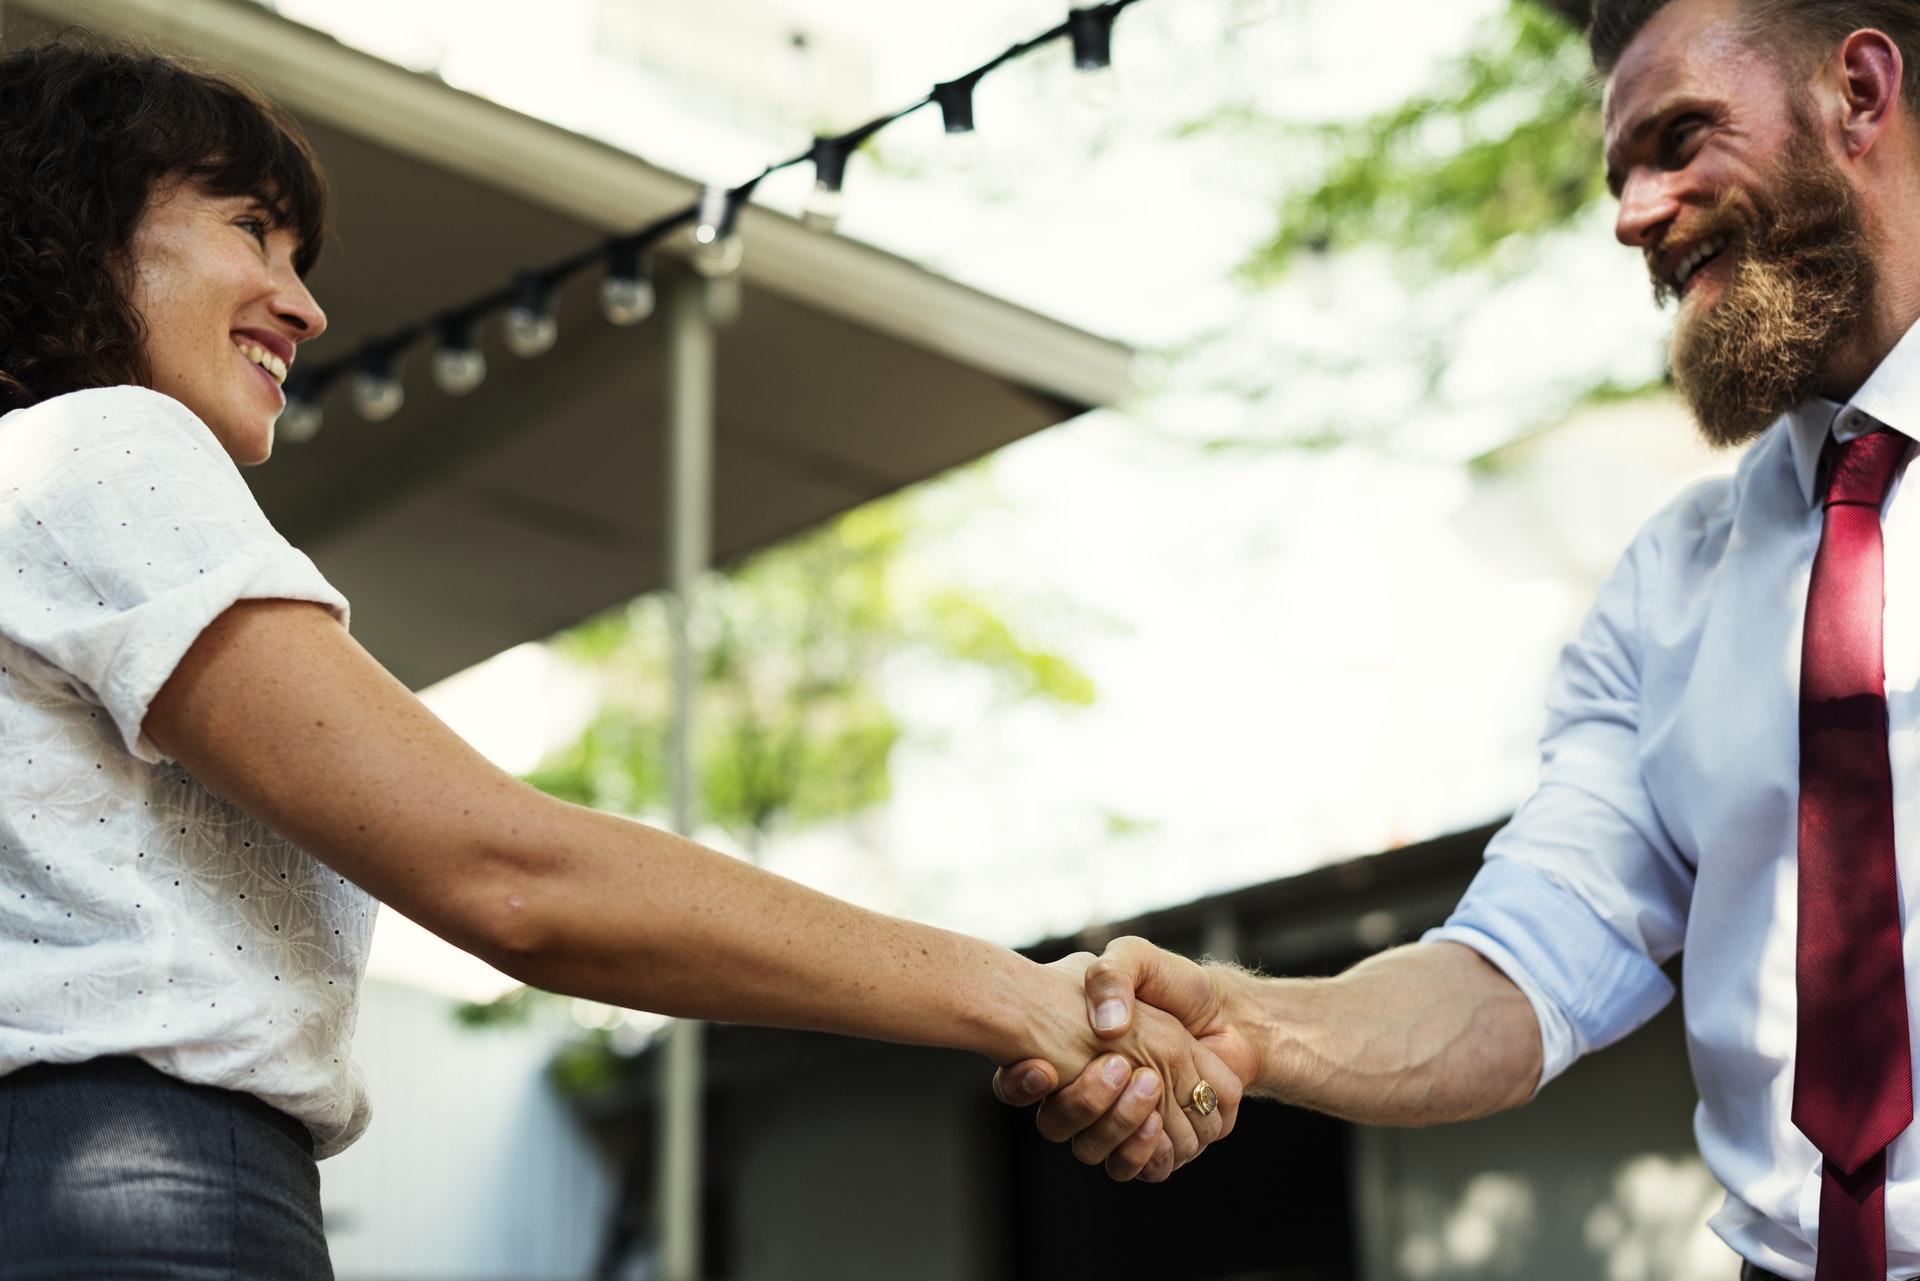 Man and woman shake hand